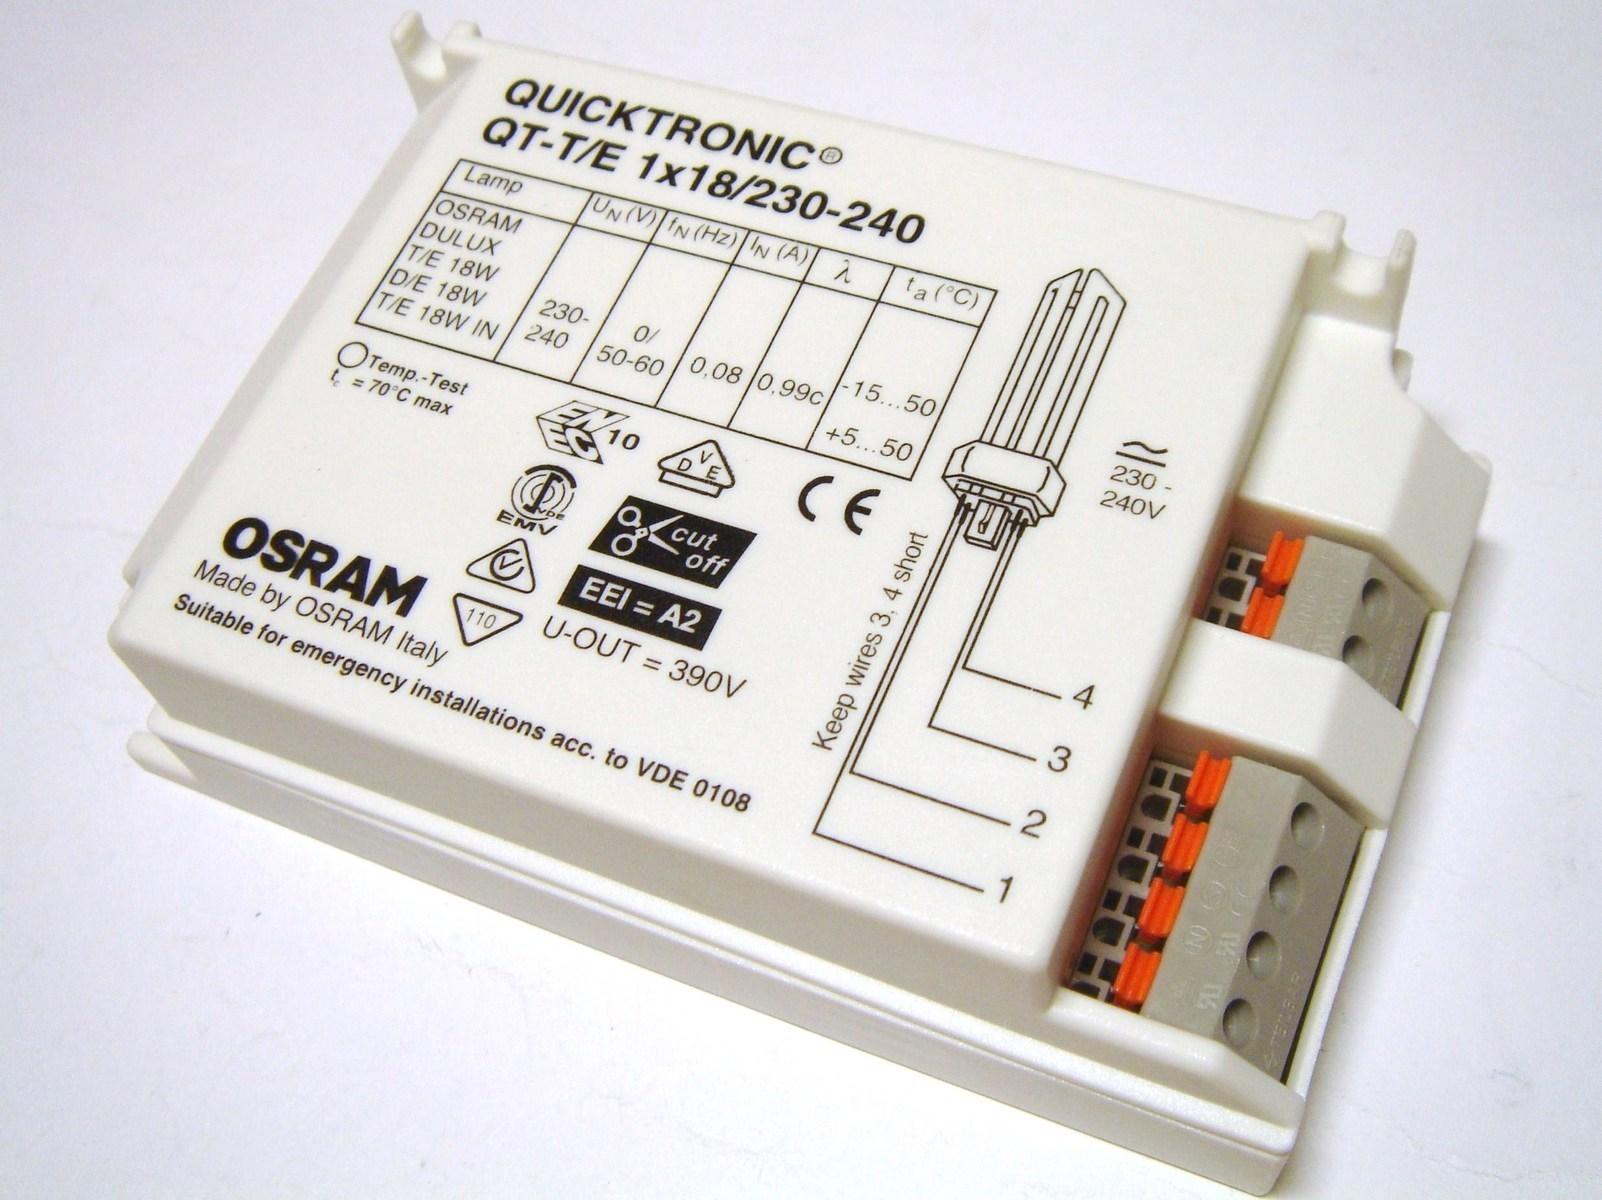 Elektrooniline drossel 1x18 W, Osram, Quicktronic QT-T/E 1x18/230-240